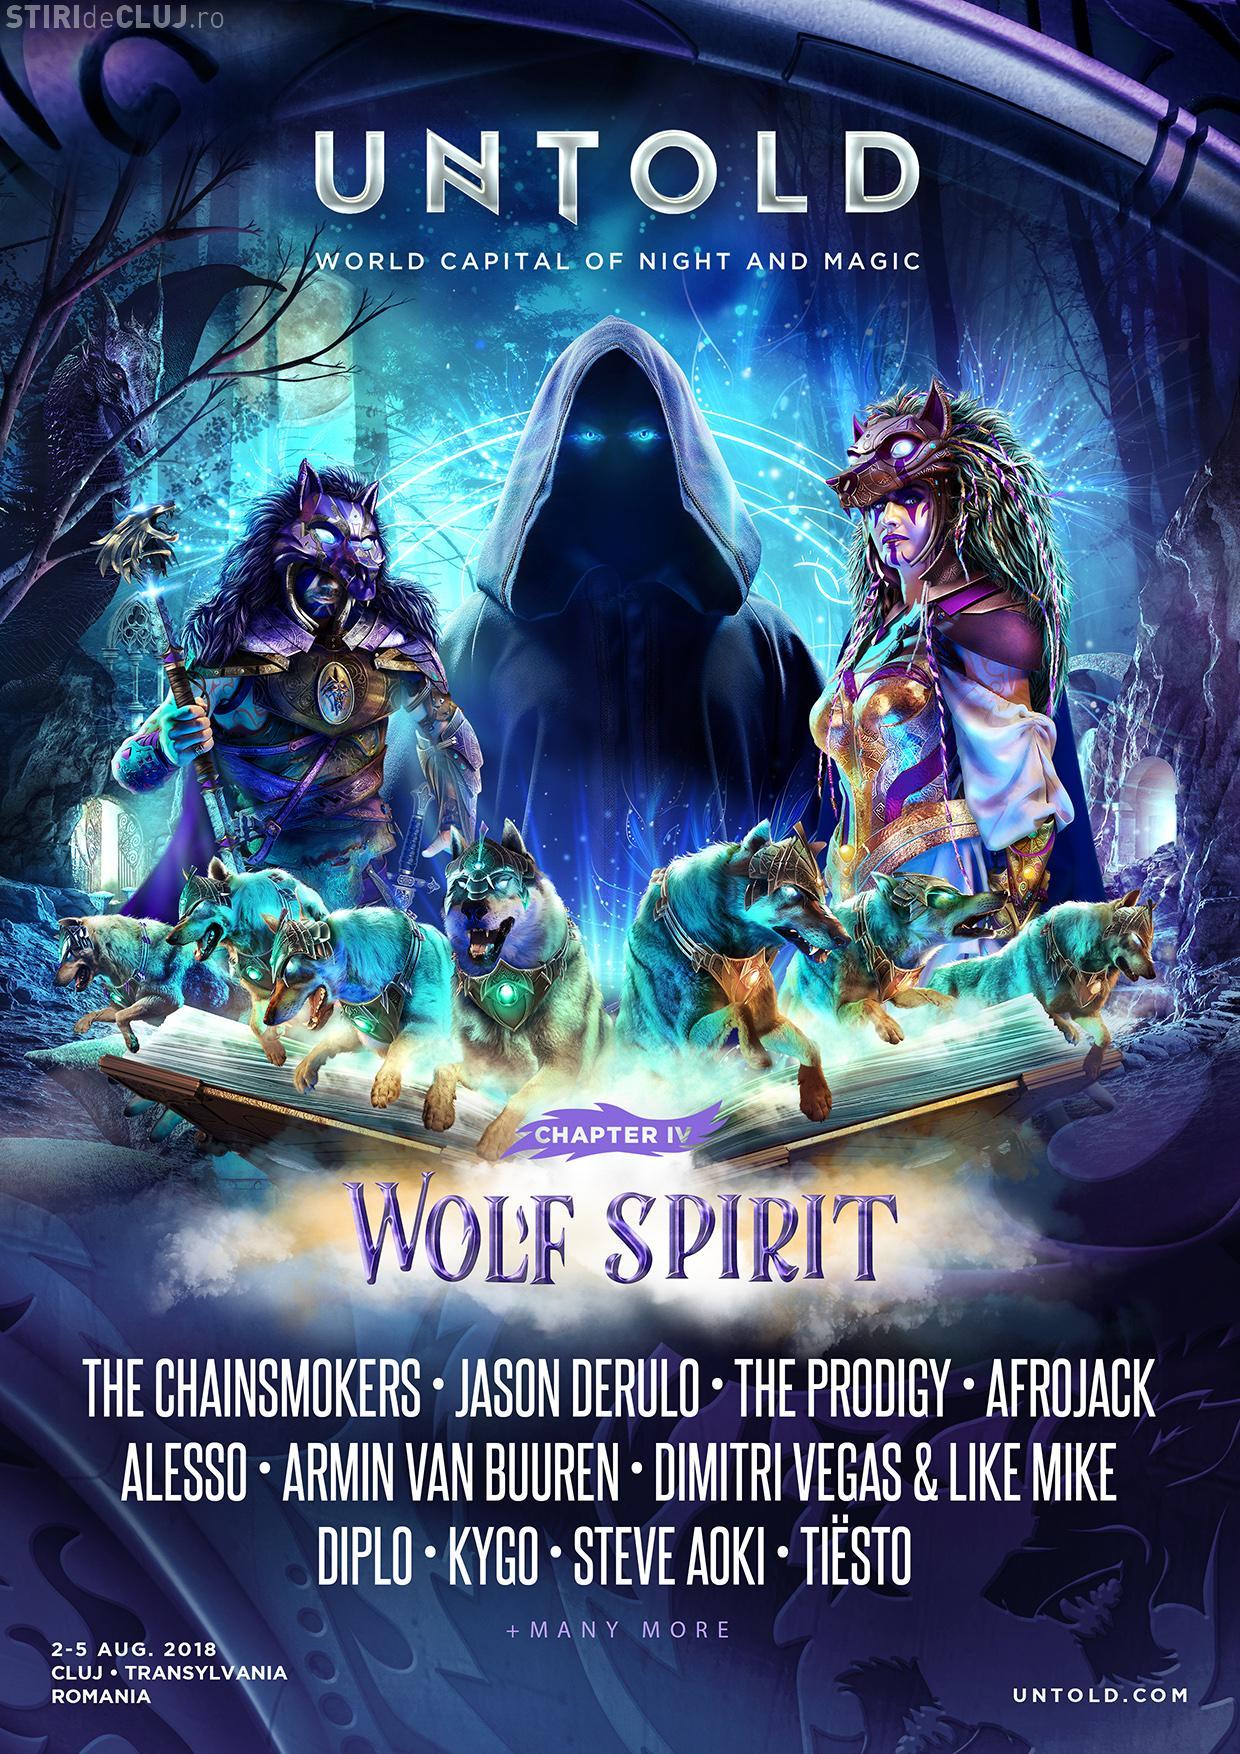 UNTOLD 2018 - WOLF SPIRIT! Descoperă povestea noului capitol UNTOLD